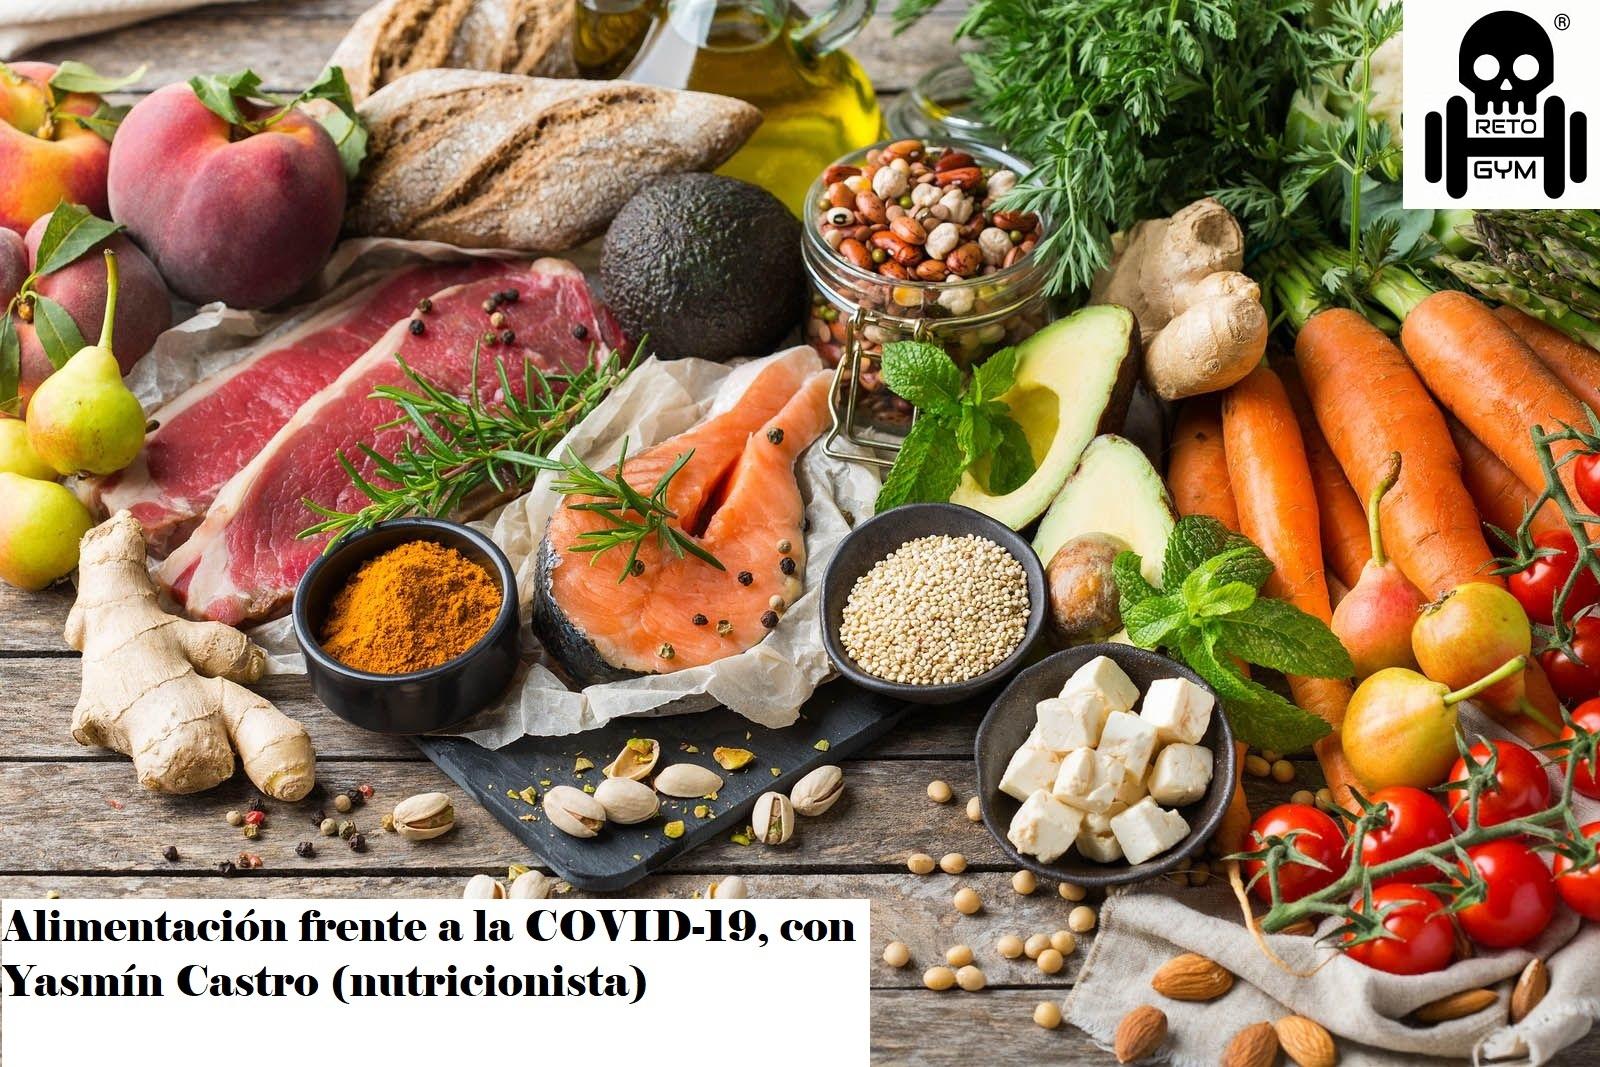 dietaprecovidretogym